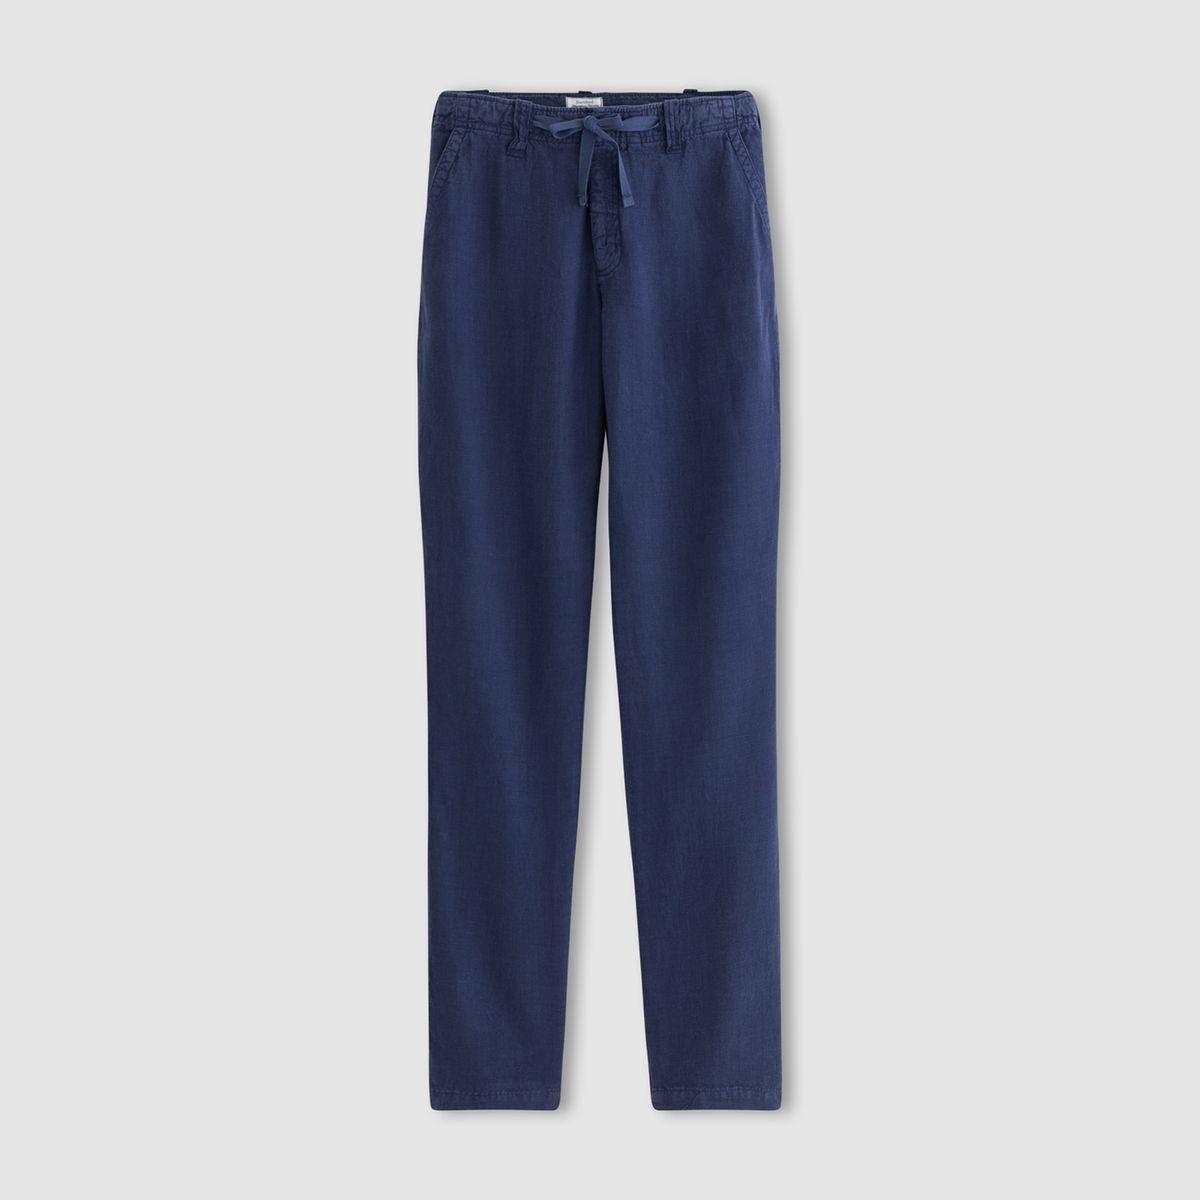 Pantalon TROY